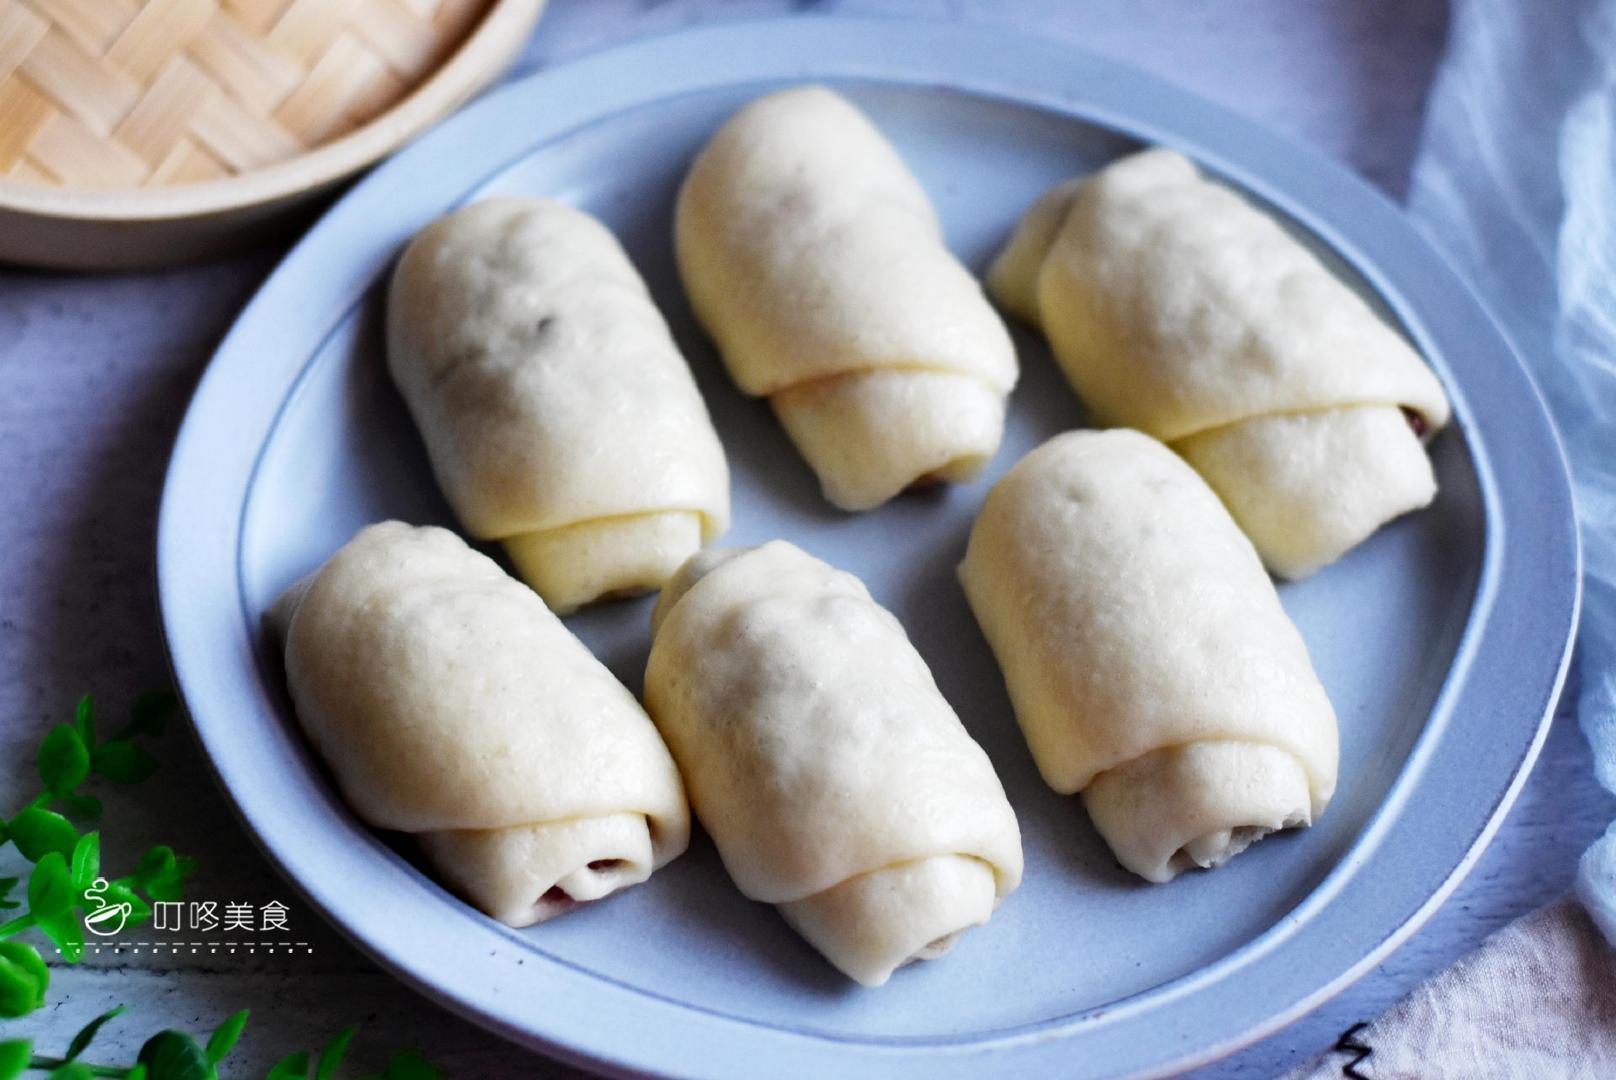 1碗面粉1碗红豆,教你早餐新吃法,只需一卷一蒸,出锅一次吃5个